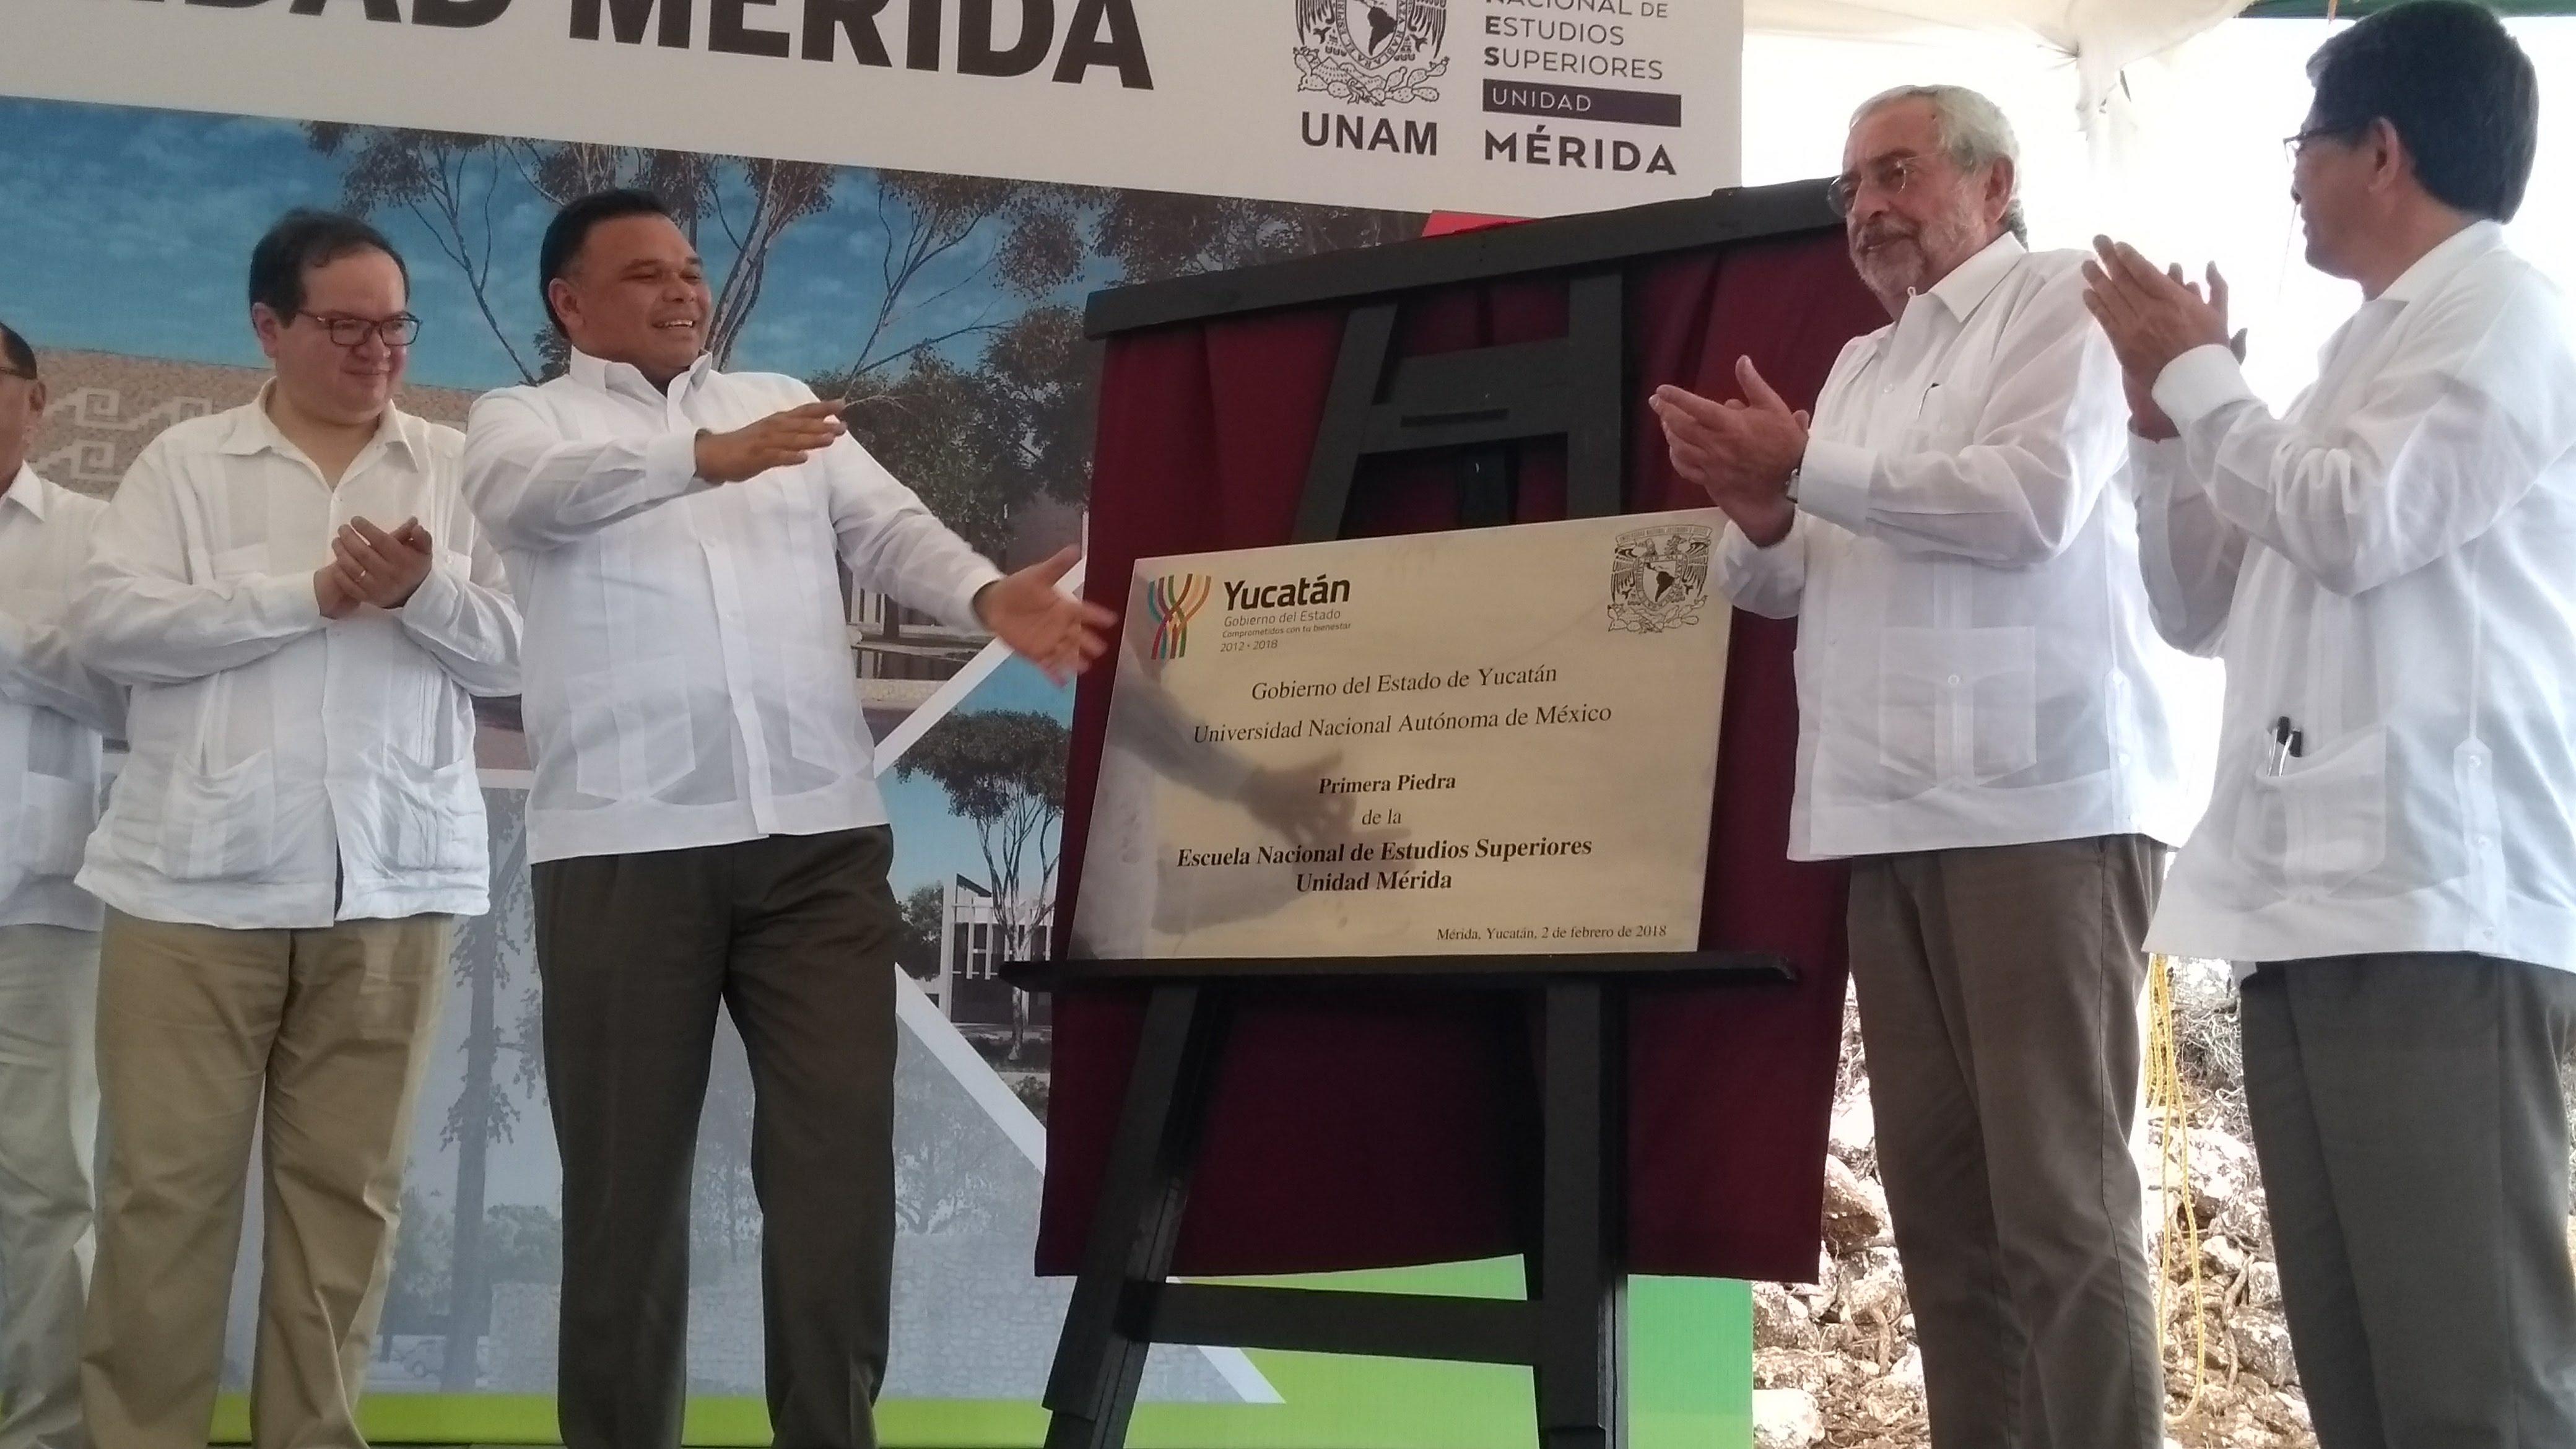 Incursiona Yucatán en investigación en ciencias de la Tierra